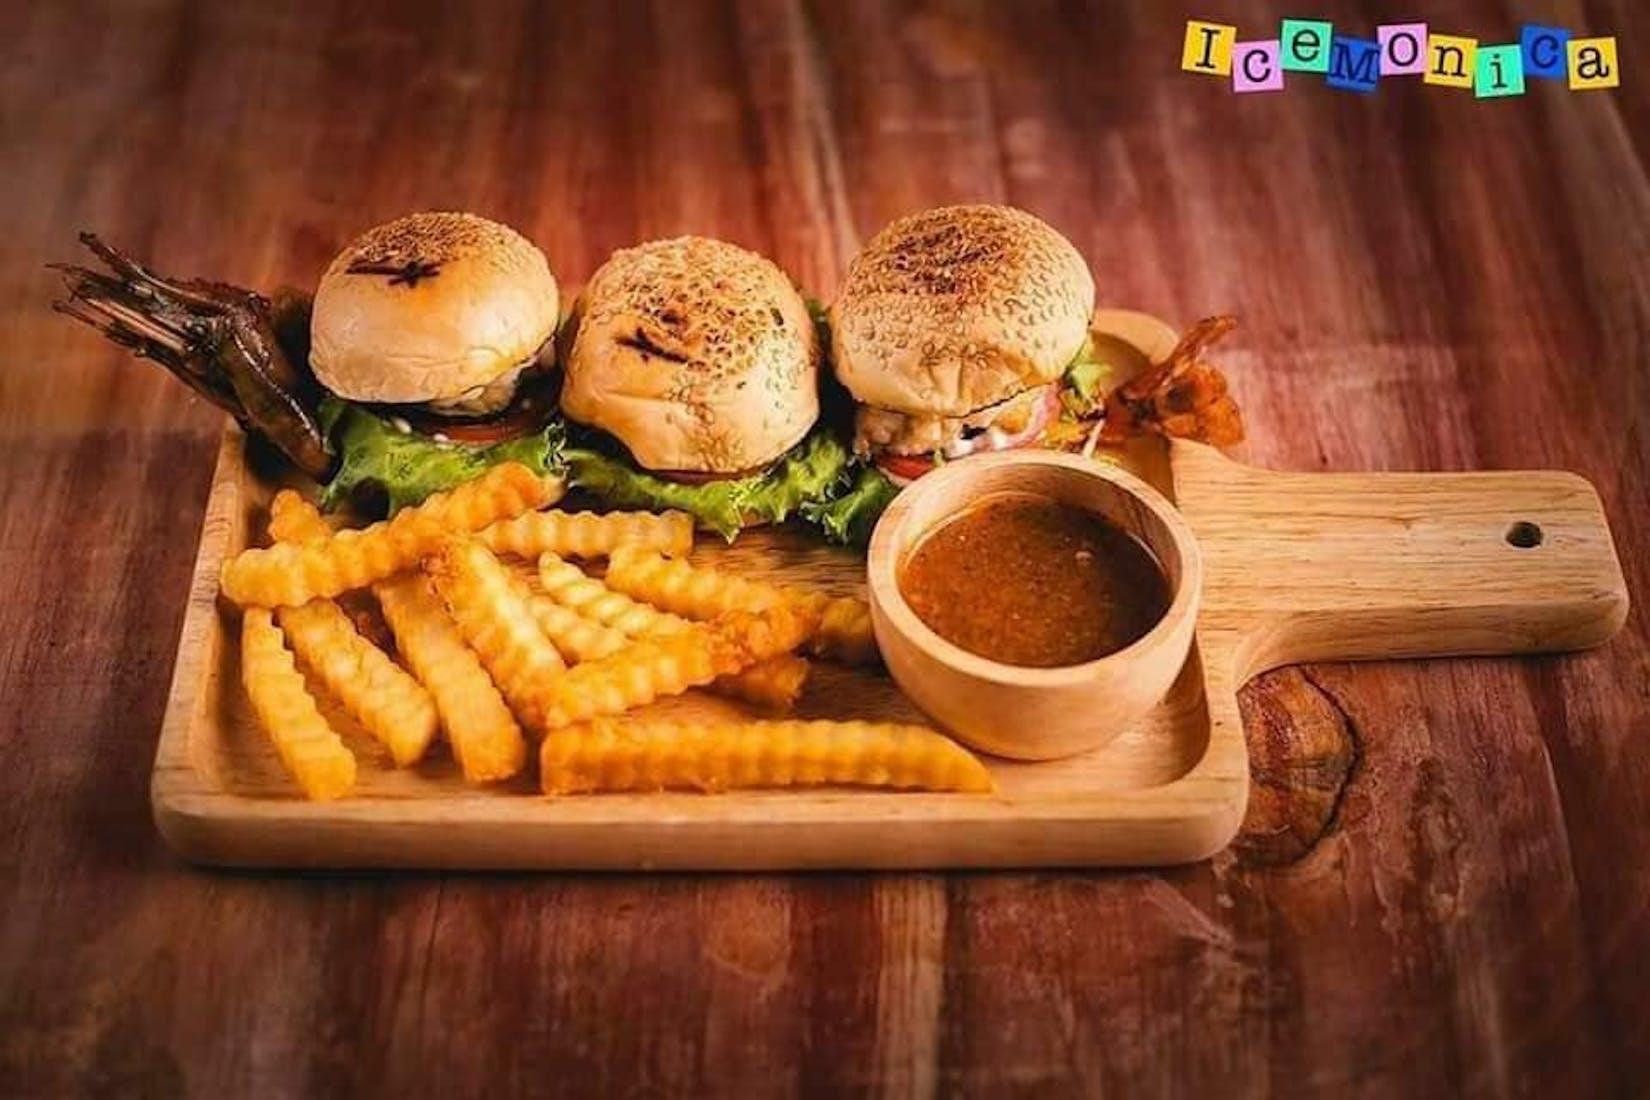 Ice-Monica Bingsu & Steak Bar | yathar